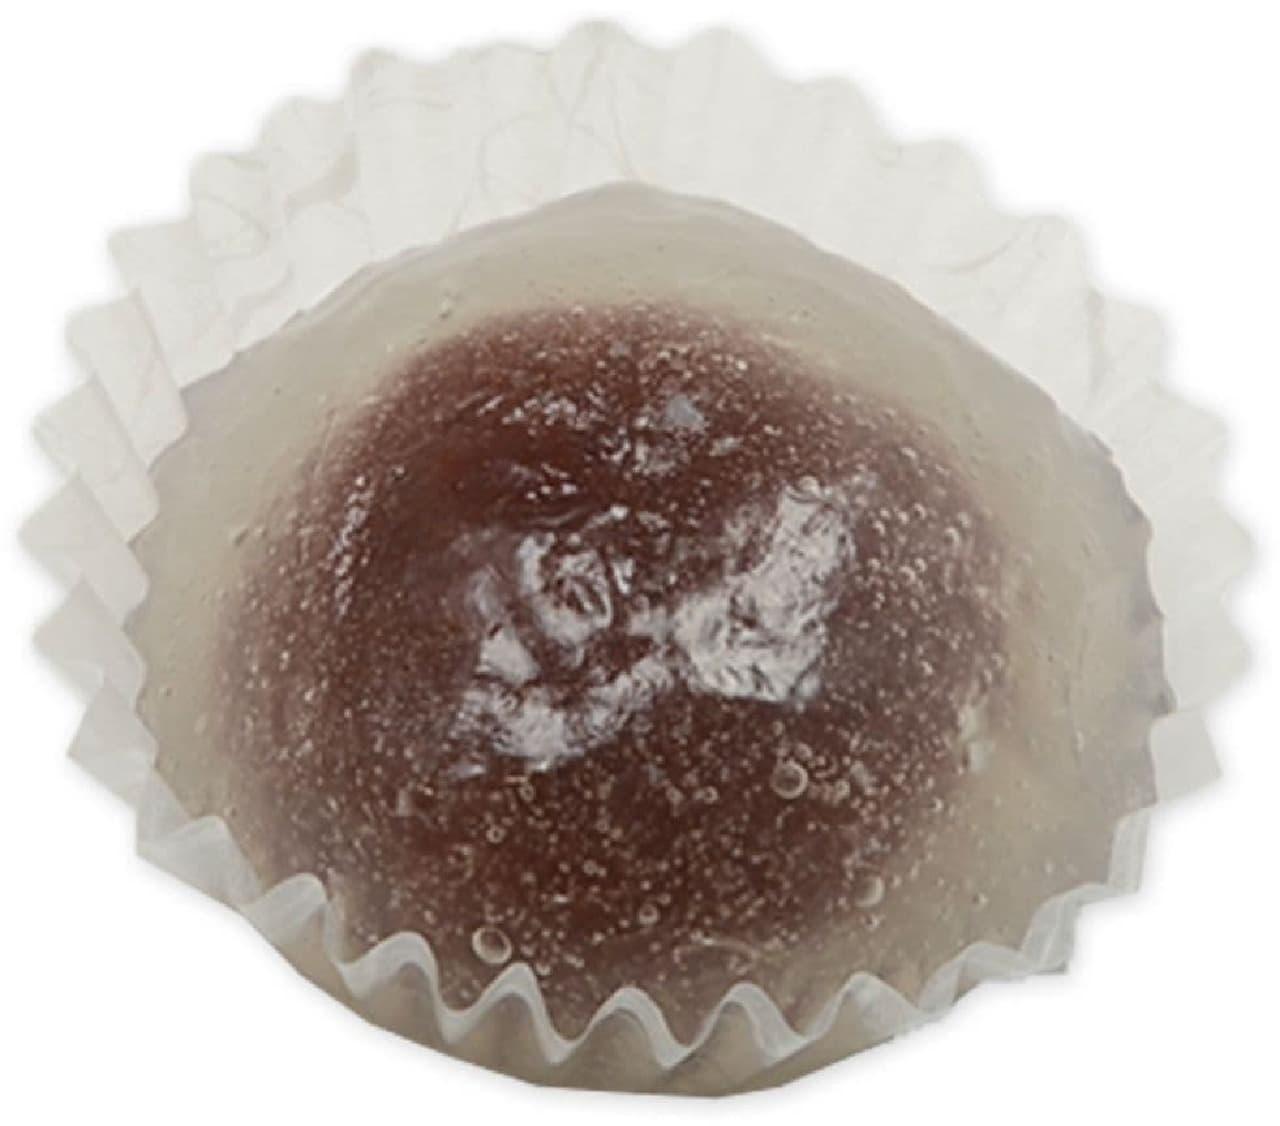 セブン-イレブン「北海道十勝産小豆使用 冷やし葛まんじゅう」